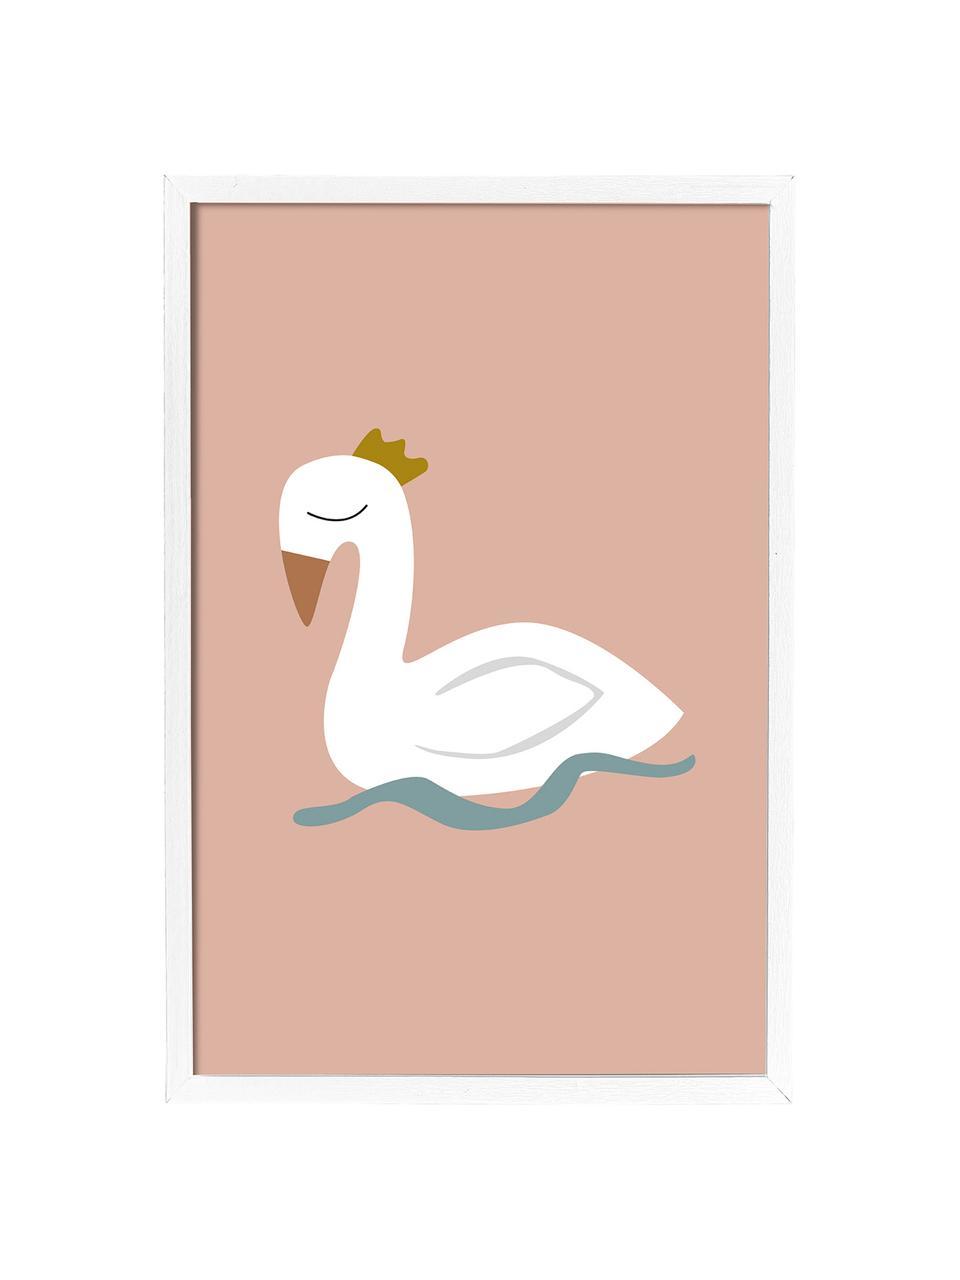 Gerahmter Digitaldruck Swan, Bild: Digitaldruck auf Papier, , Rahmen: Mitteldichte Holzfaserpla, Rosa, Weiß, Blau, Gelb, 45 x 65 cm